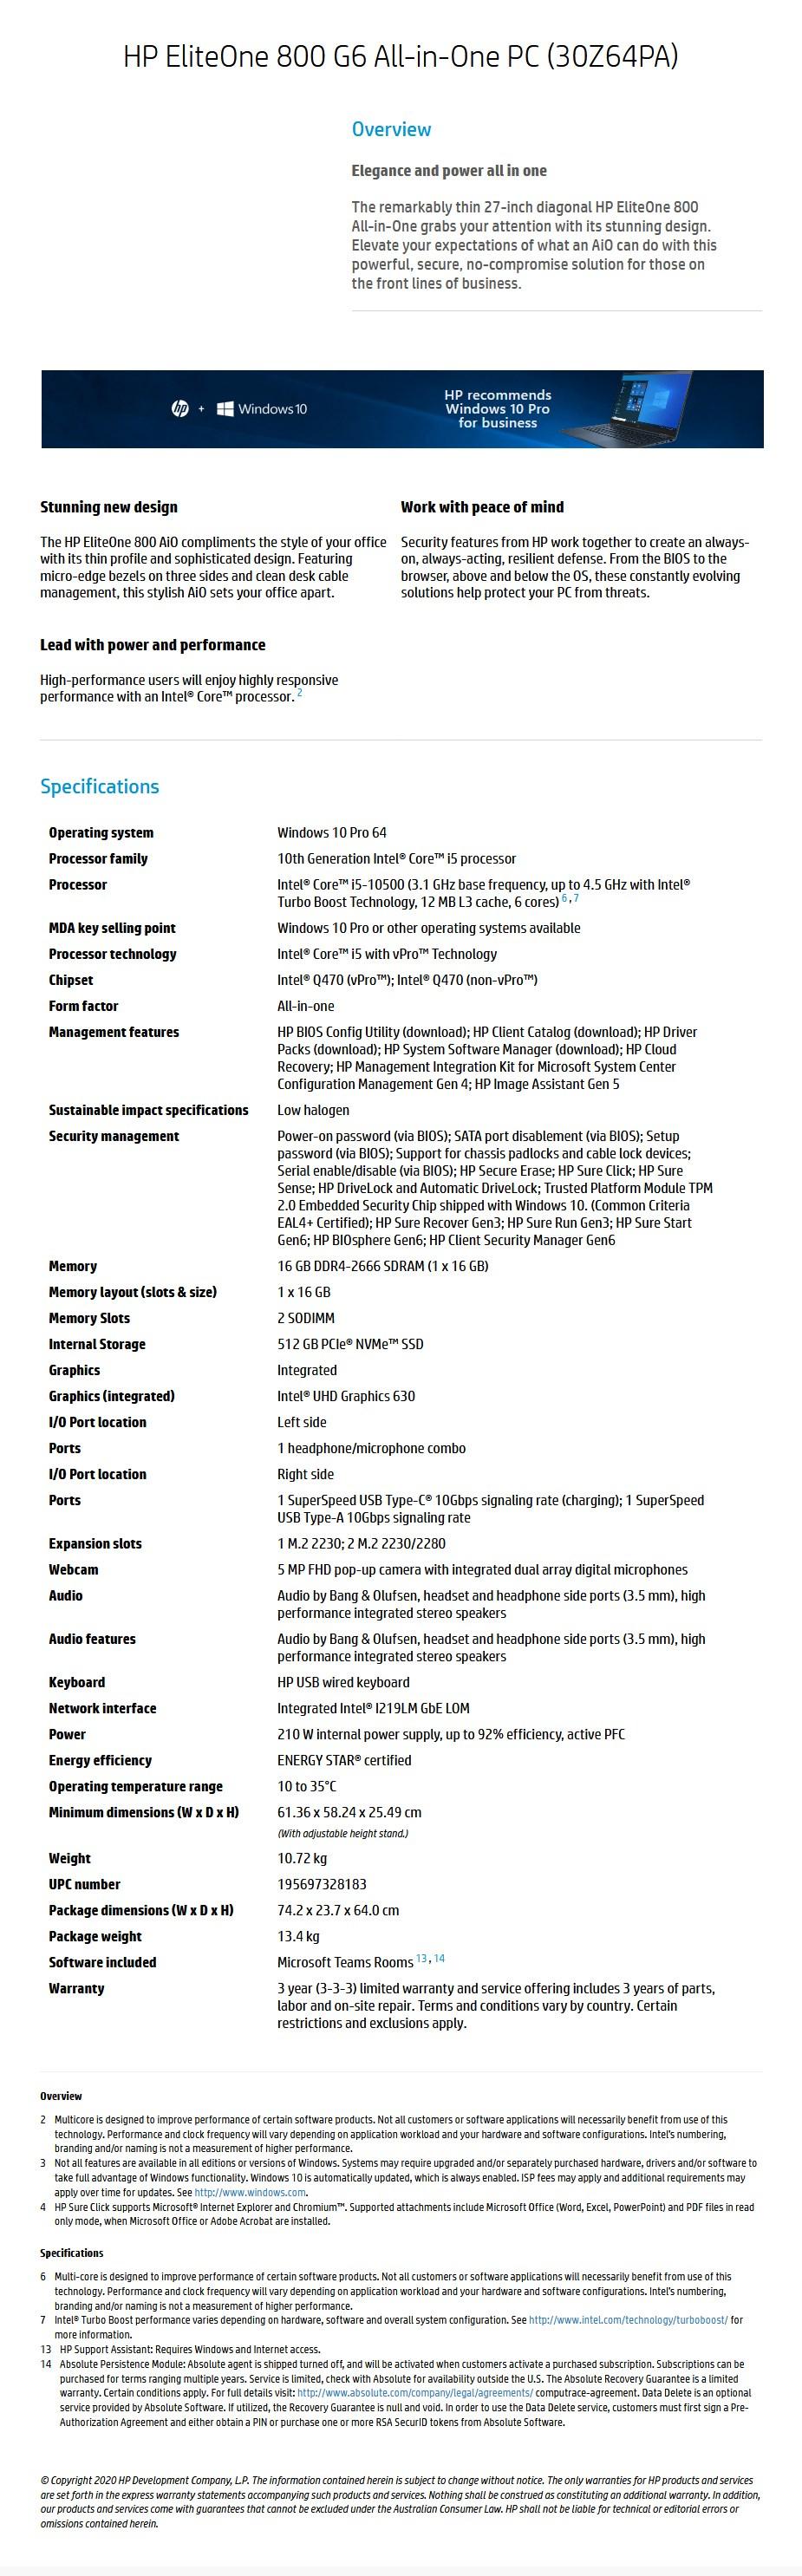 hp-eliteone-800-g6-aio-desktop-pc-fhd-27-i510500-16gb-512gb-wifi-bt-w10p-ac41181-4.jpg